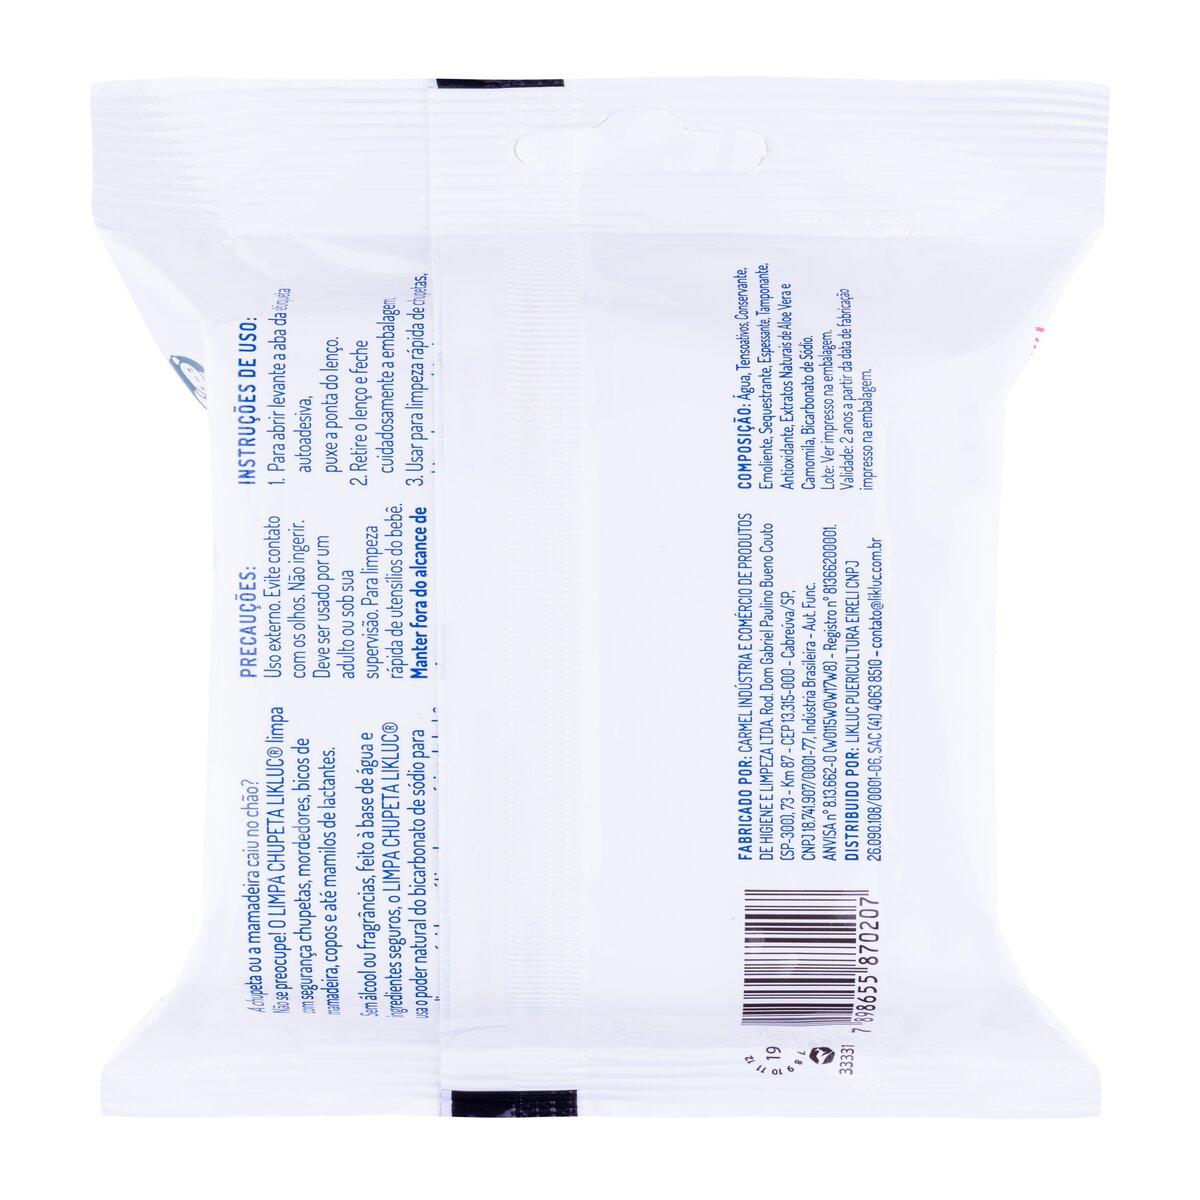 Kit 3 Lenços Umedecidos Limpa Chupeta e Mamadeira LikLuc